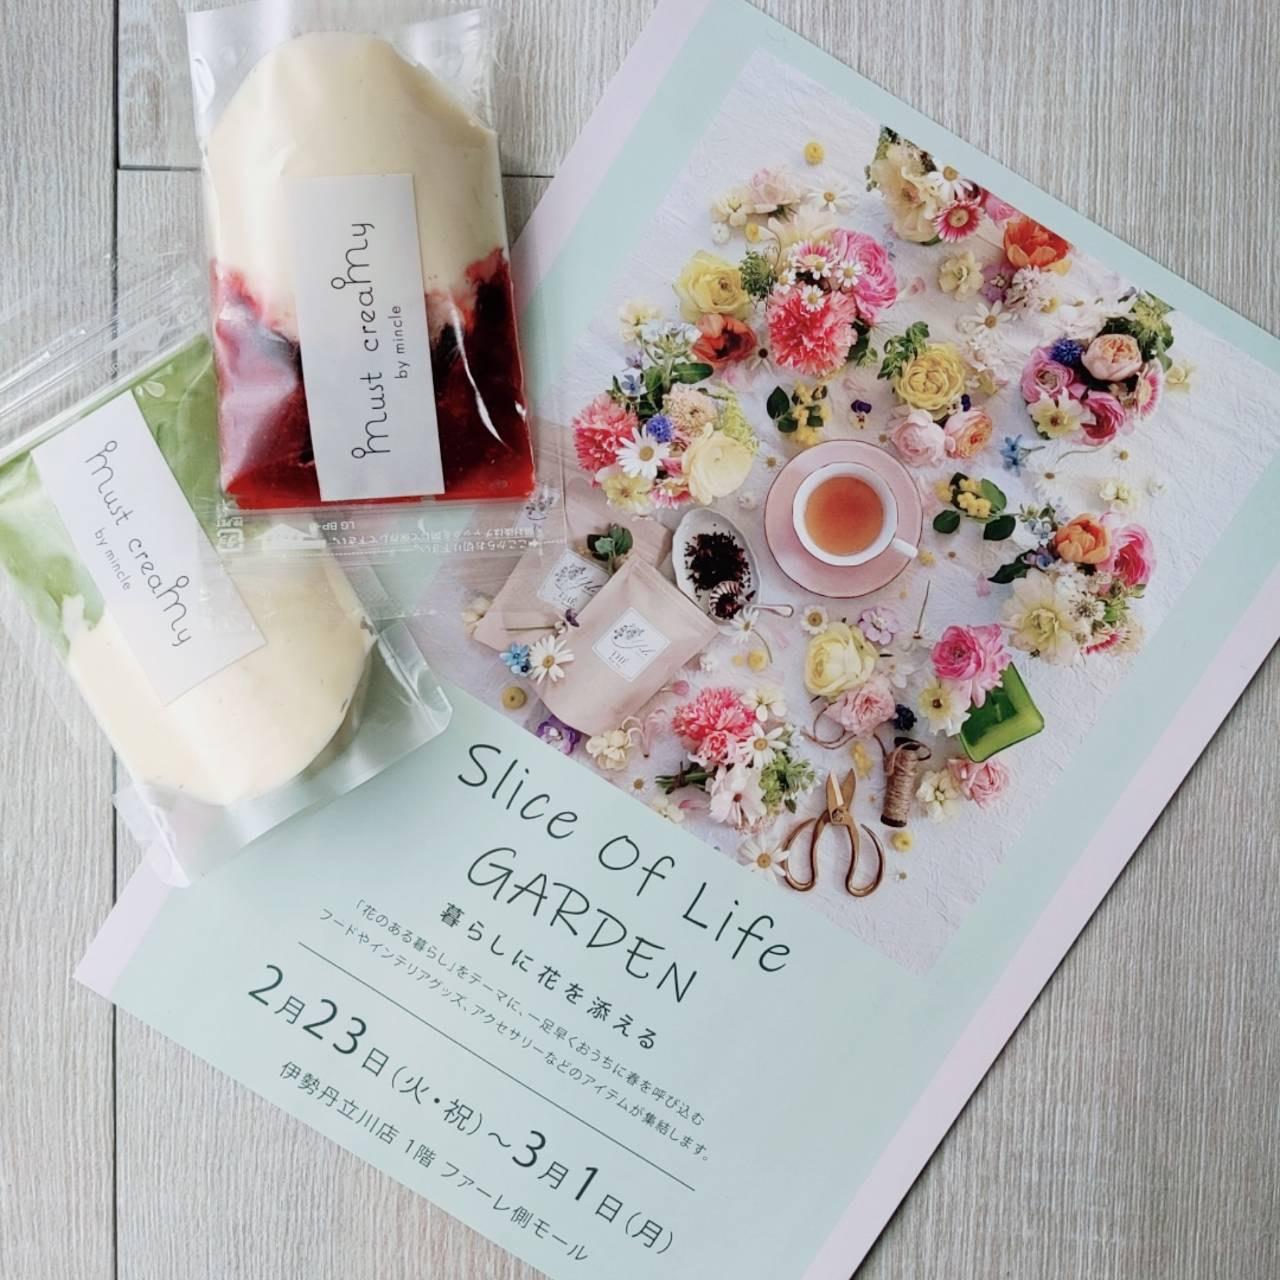 2月25日(木)~2月28日(日)伊勢丹 立川店にてmust creamyが限定販売されます!